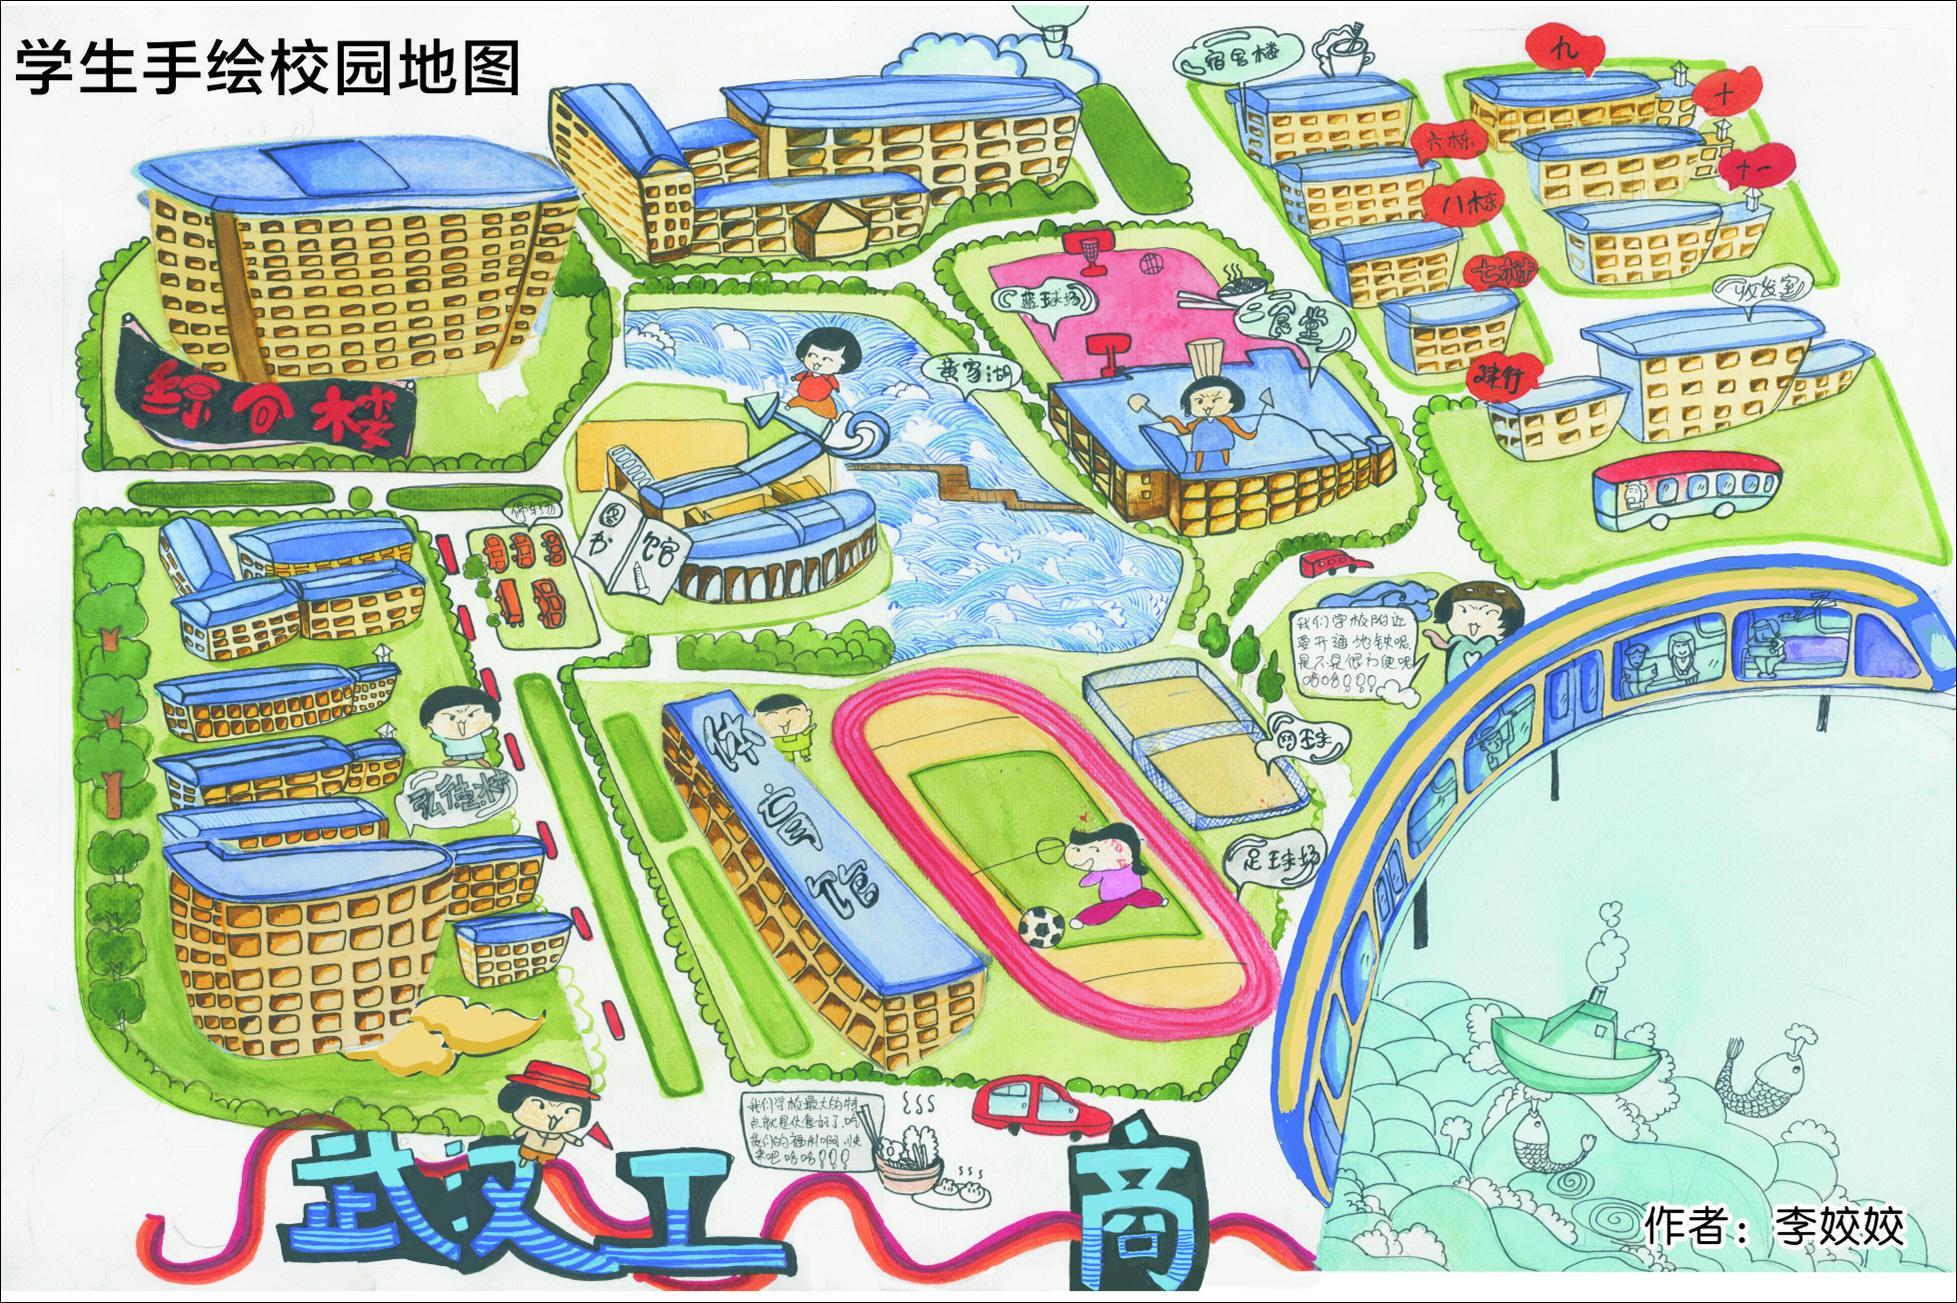 学生手绘校园地图-武汉工商学院校报电子版武汉工商